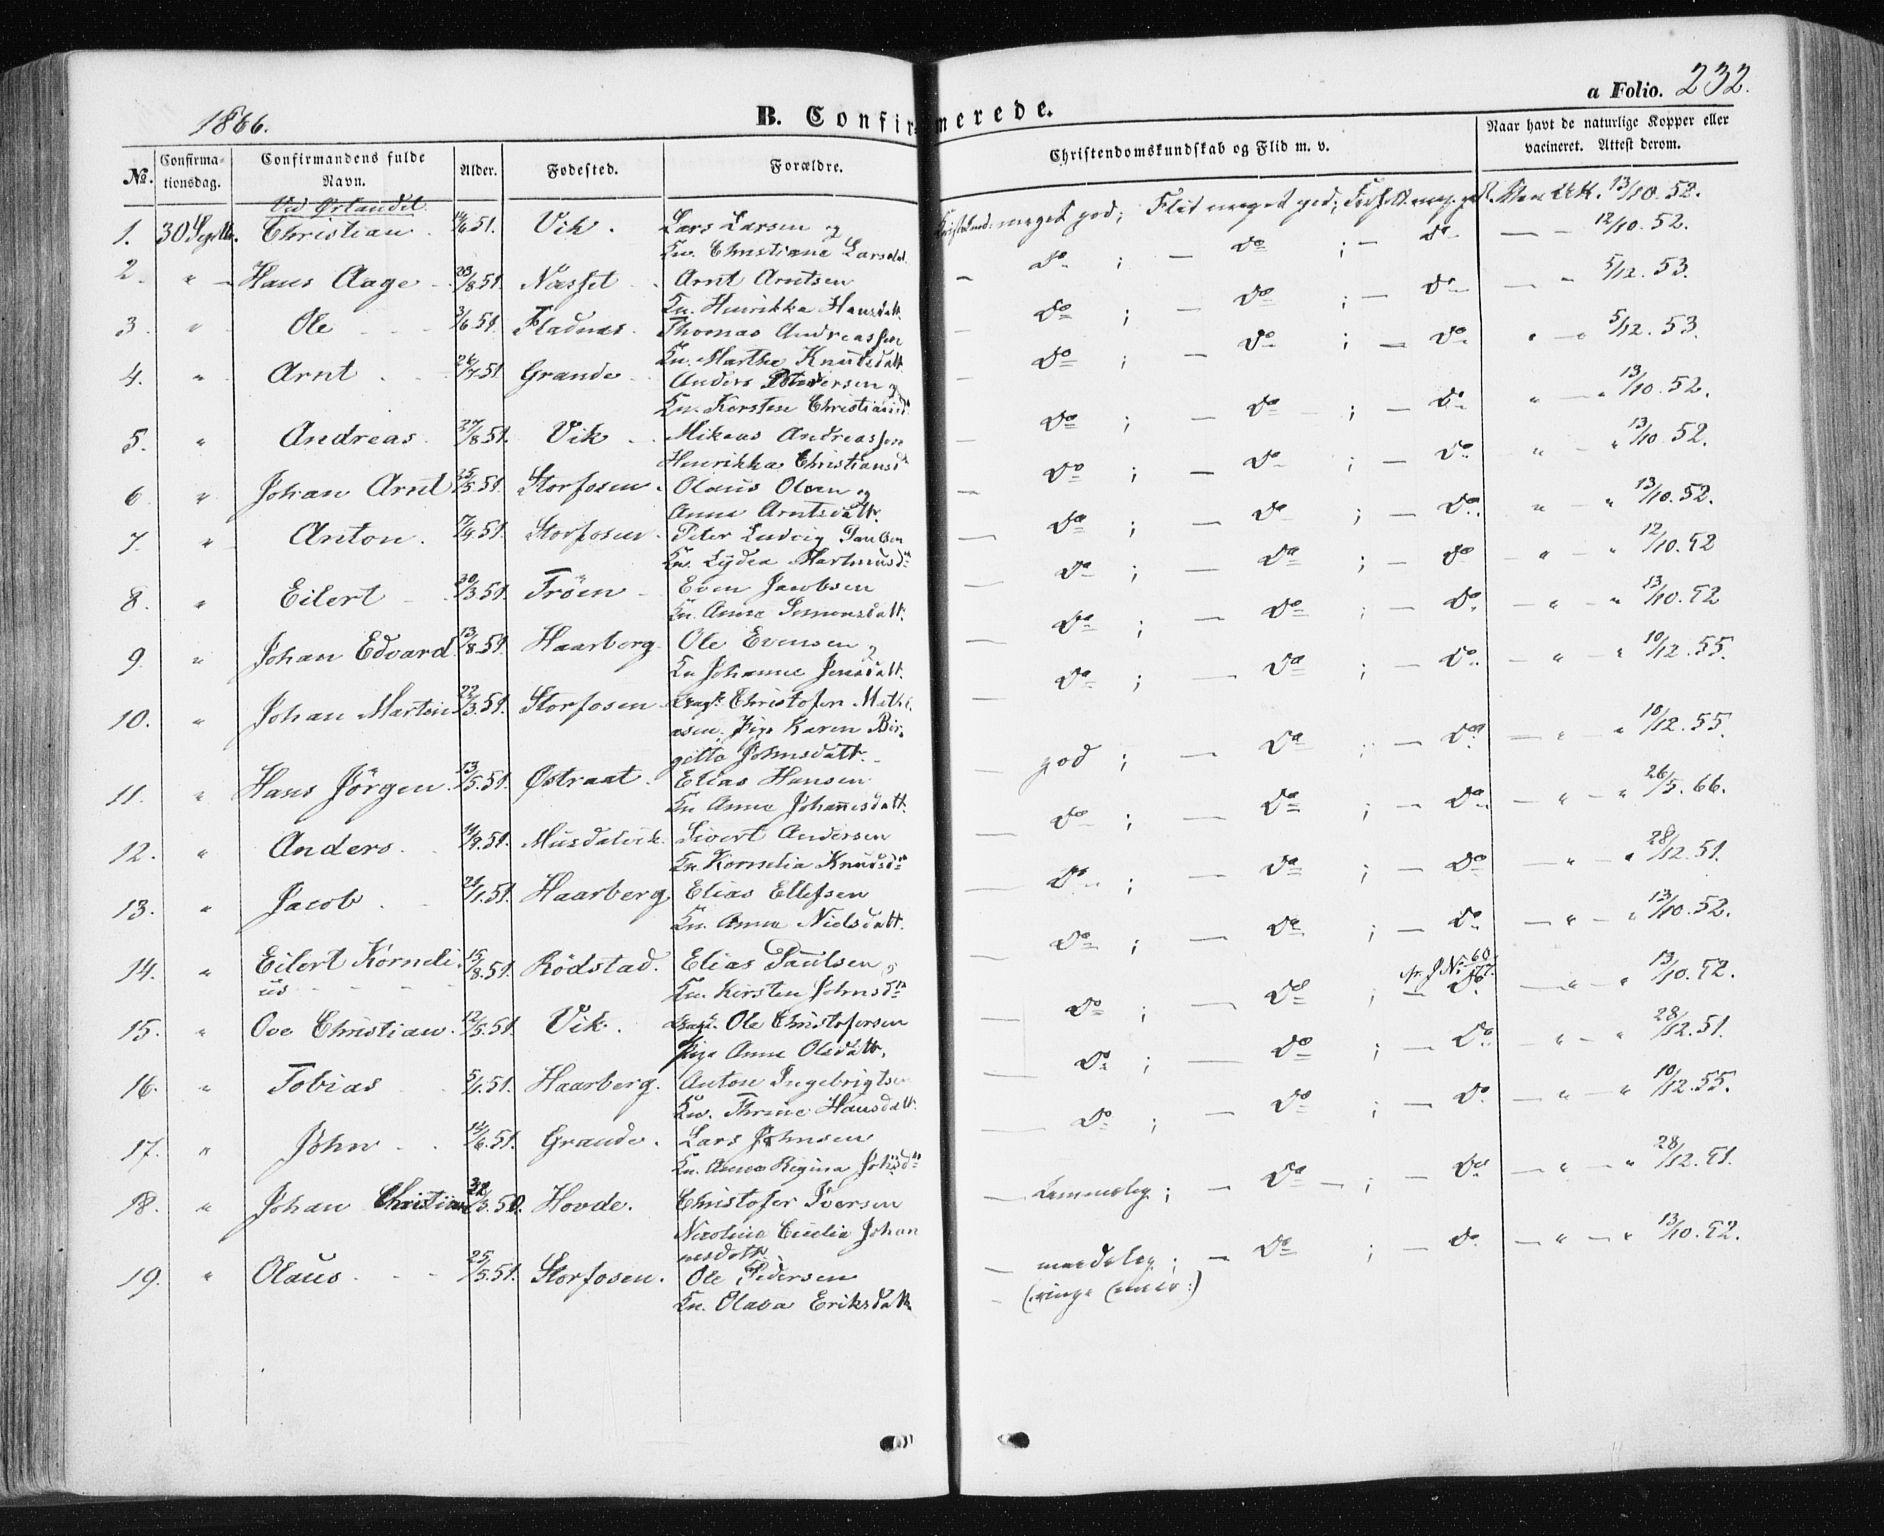 SAT, Ministerialprotokoller, klokkerbøker og fødselsregistre - Sør-Trøndelag, 659/L0737: Ministerialbok nr. 659A07, 1857-1875, s. 232